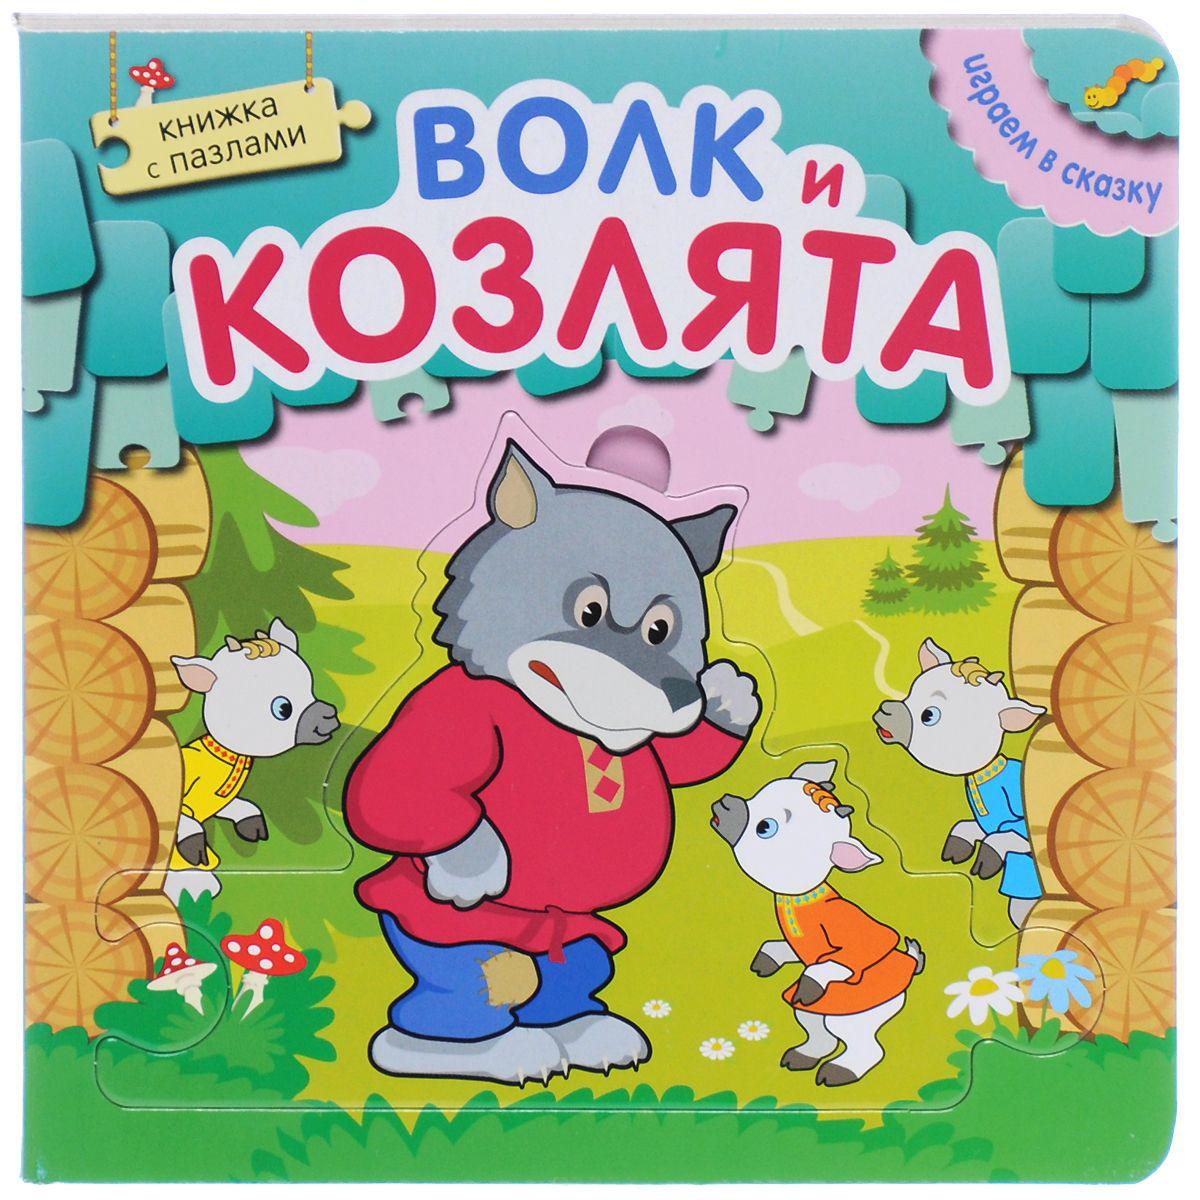 Книжка с пазлами - Играем в сказку. Волк и козлятаСказки и рассказы<br>Книжка с пазлами - Играем в сказку. Волк и козлята<br>